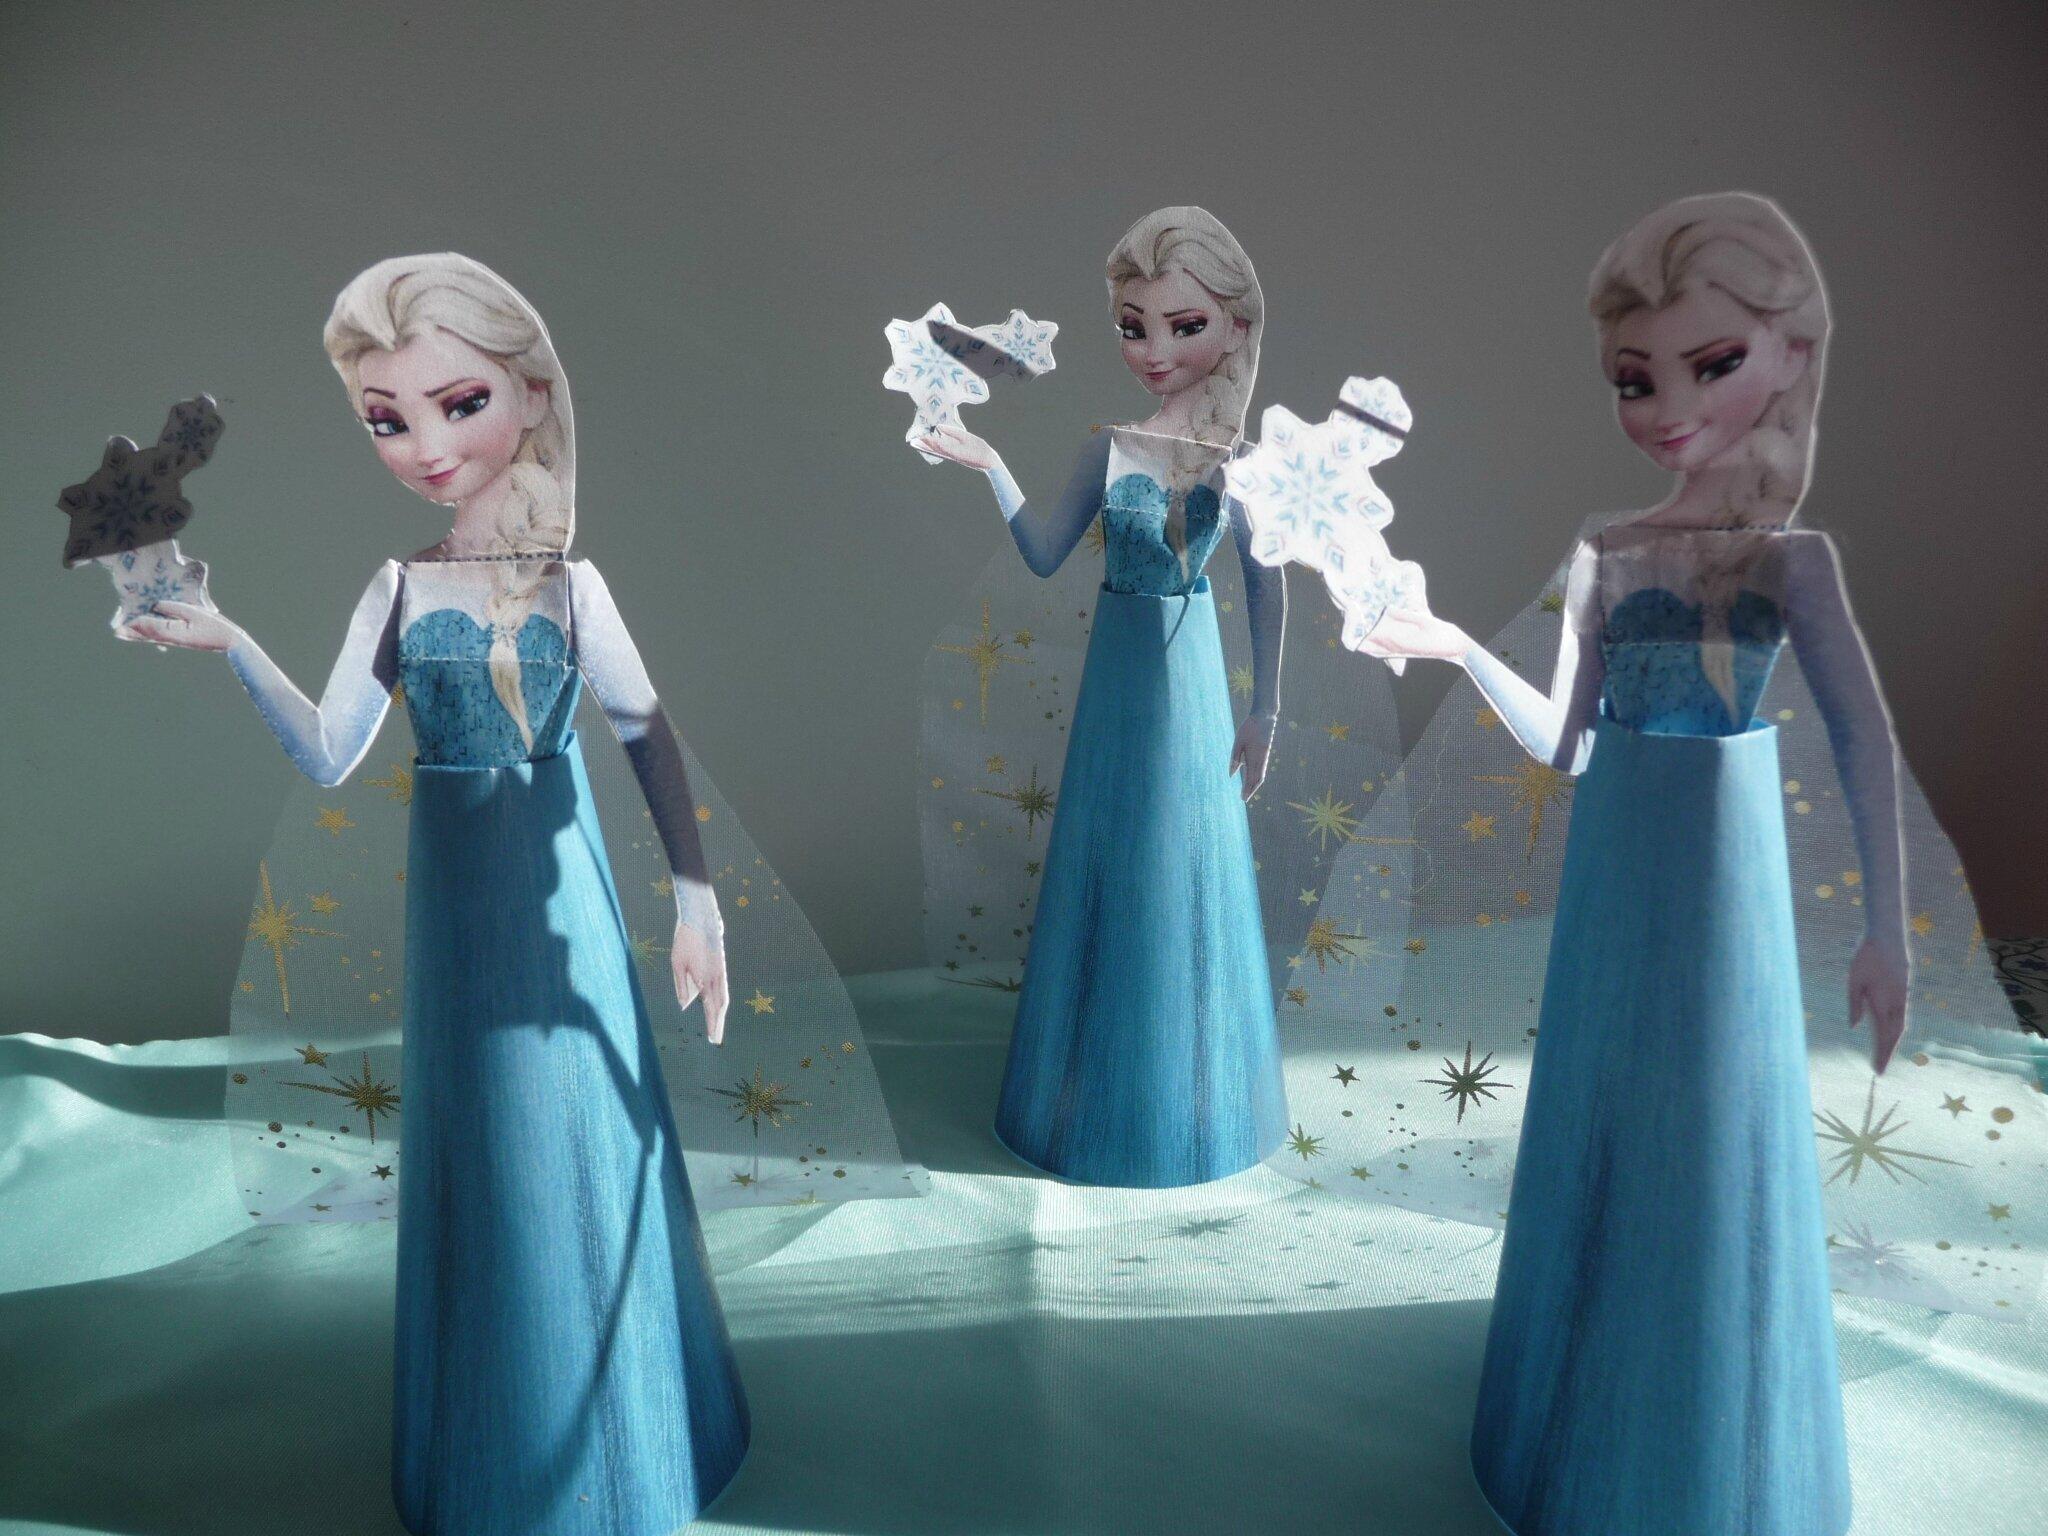 Activit enfant poup e reine des neiges en papier le blog de mademoiselle petit pois - Papier peint reine des neiges ...